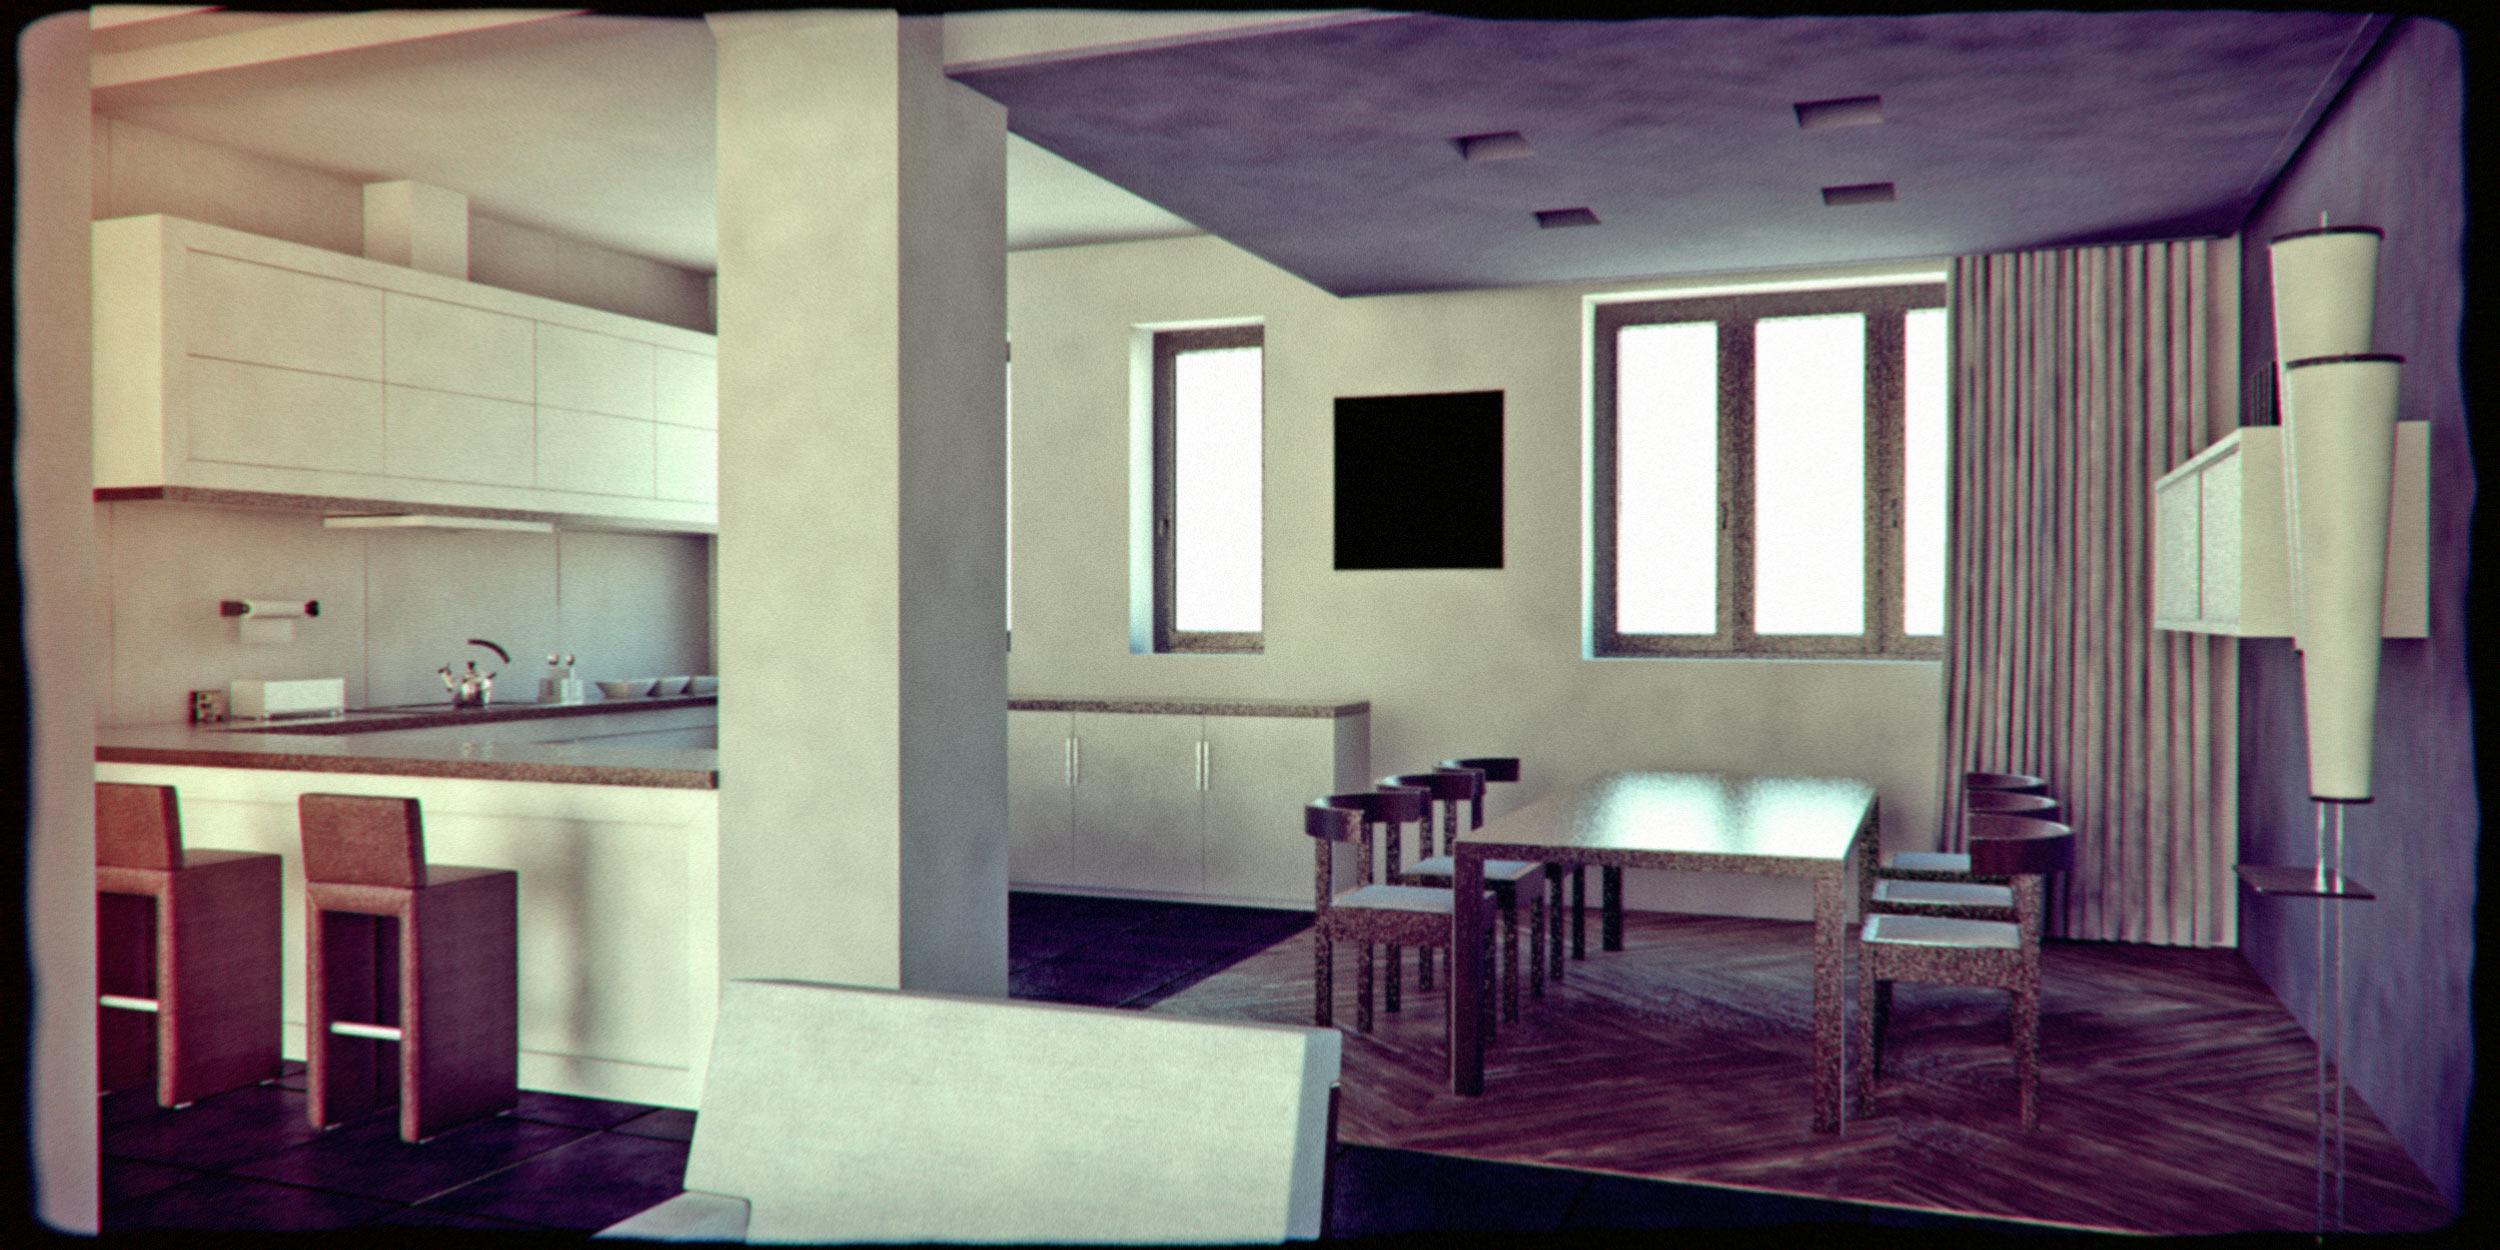 interior_03.2